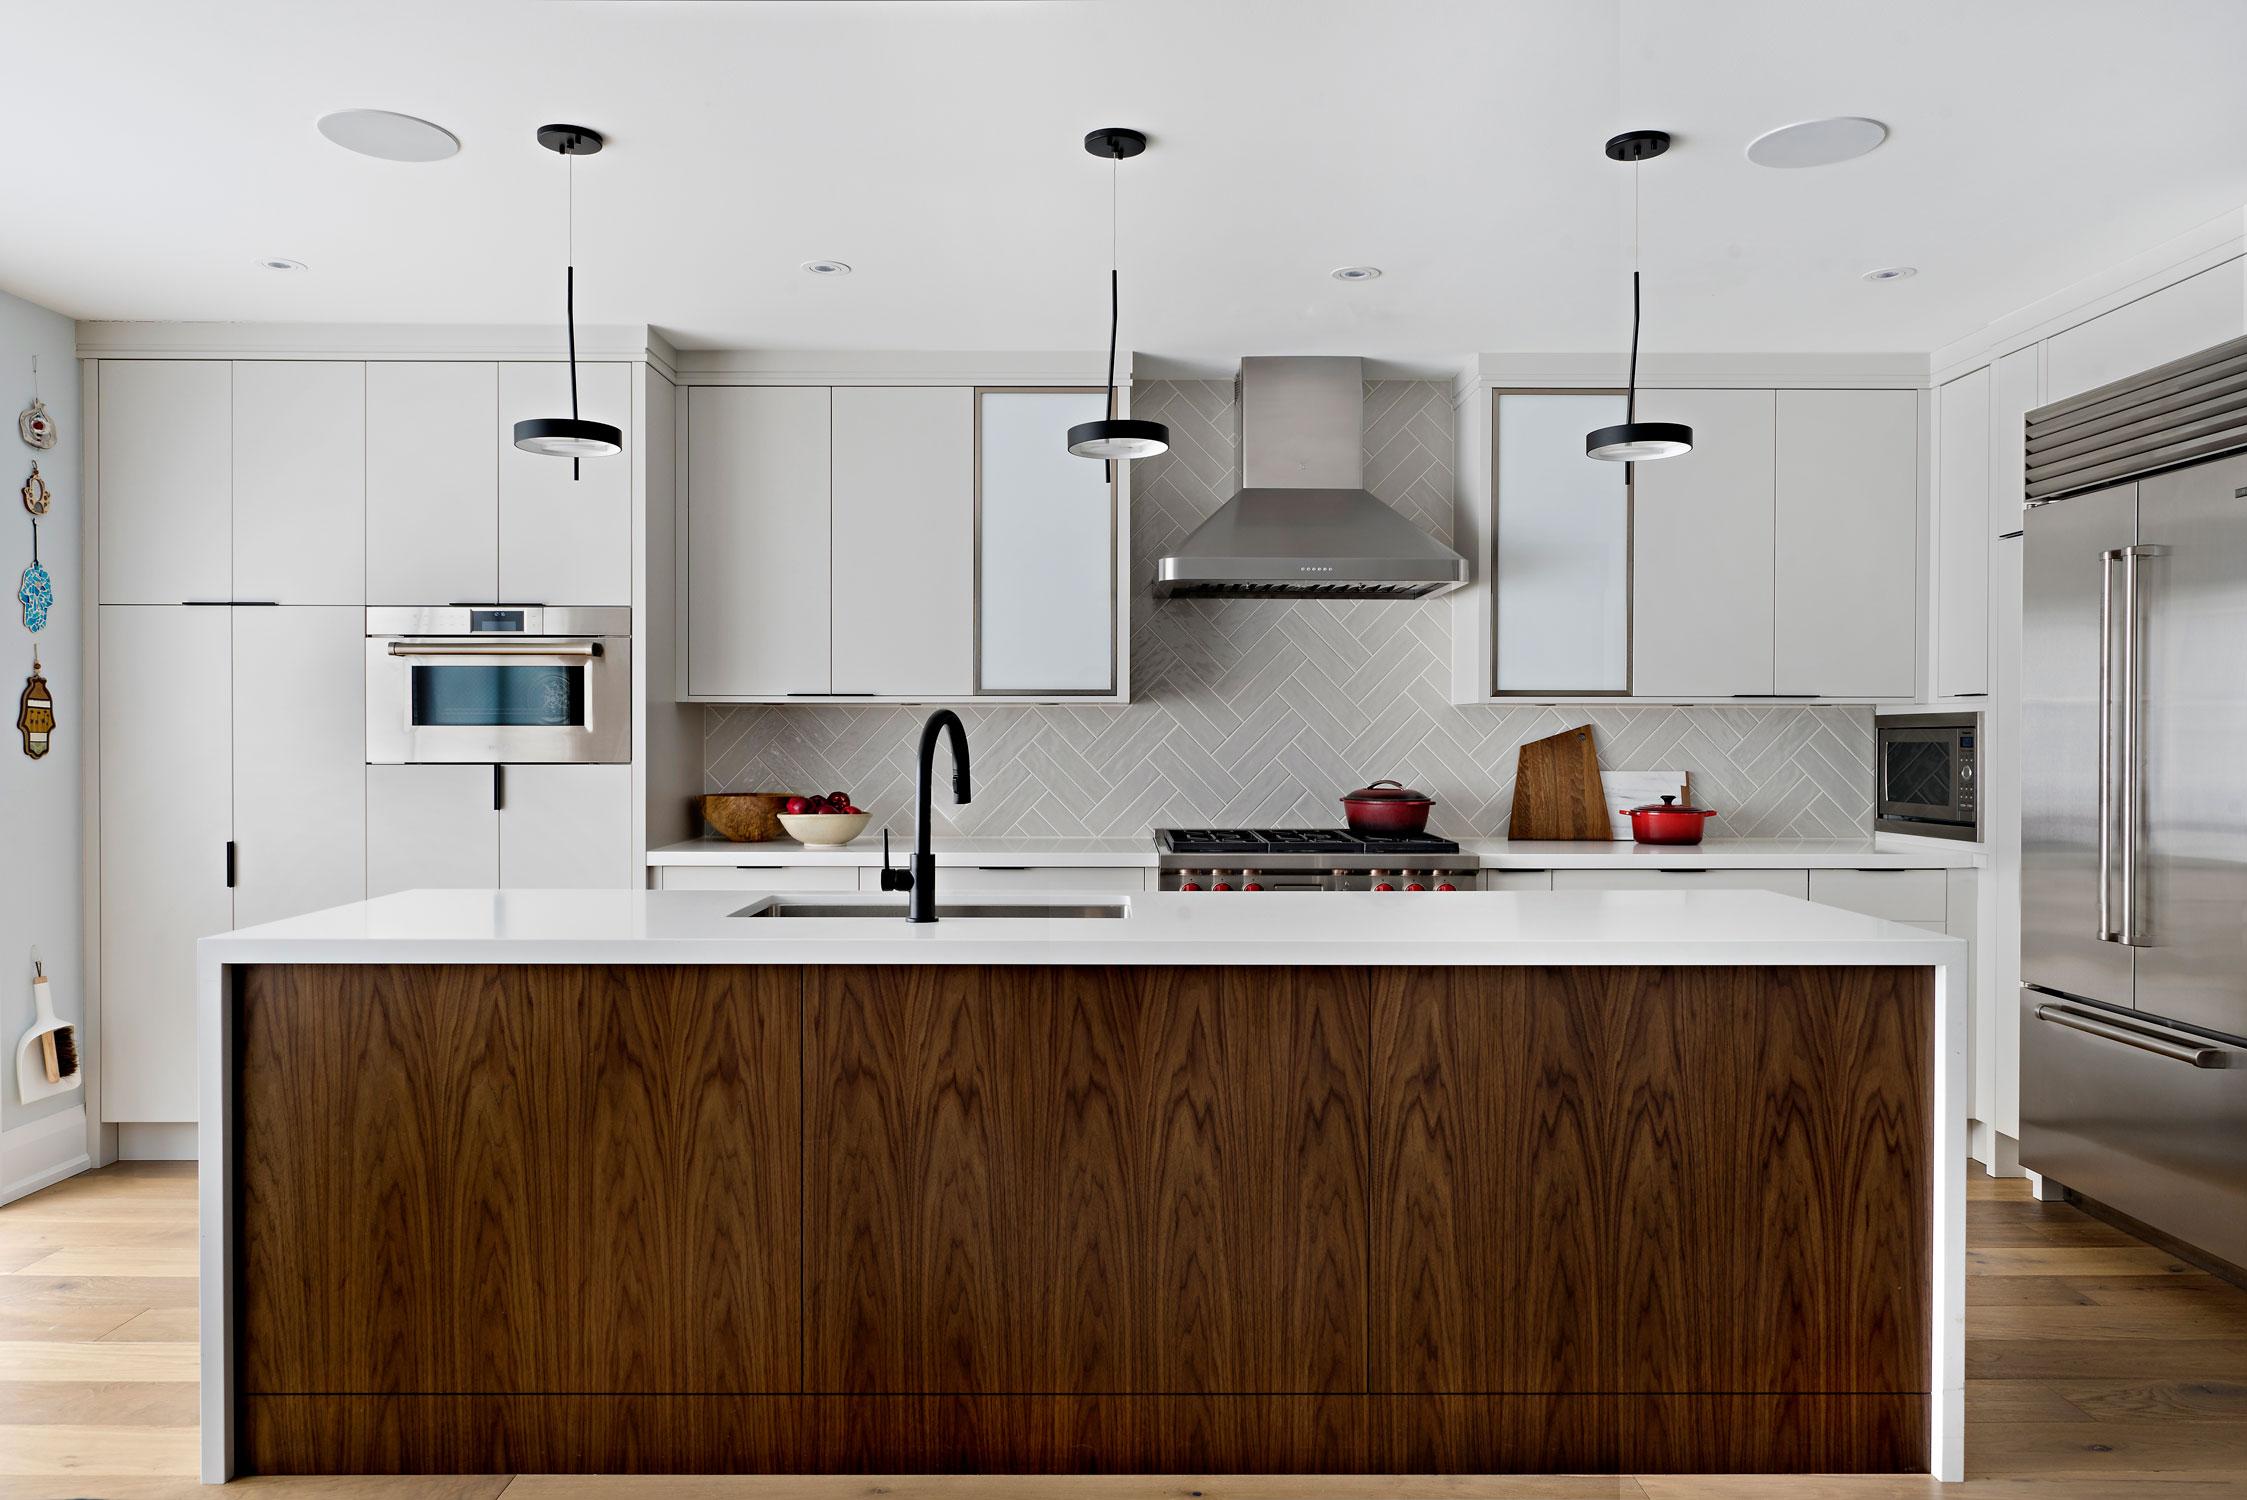 kitchen-straight-on-view.jpg